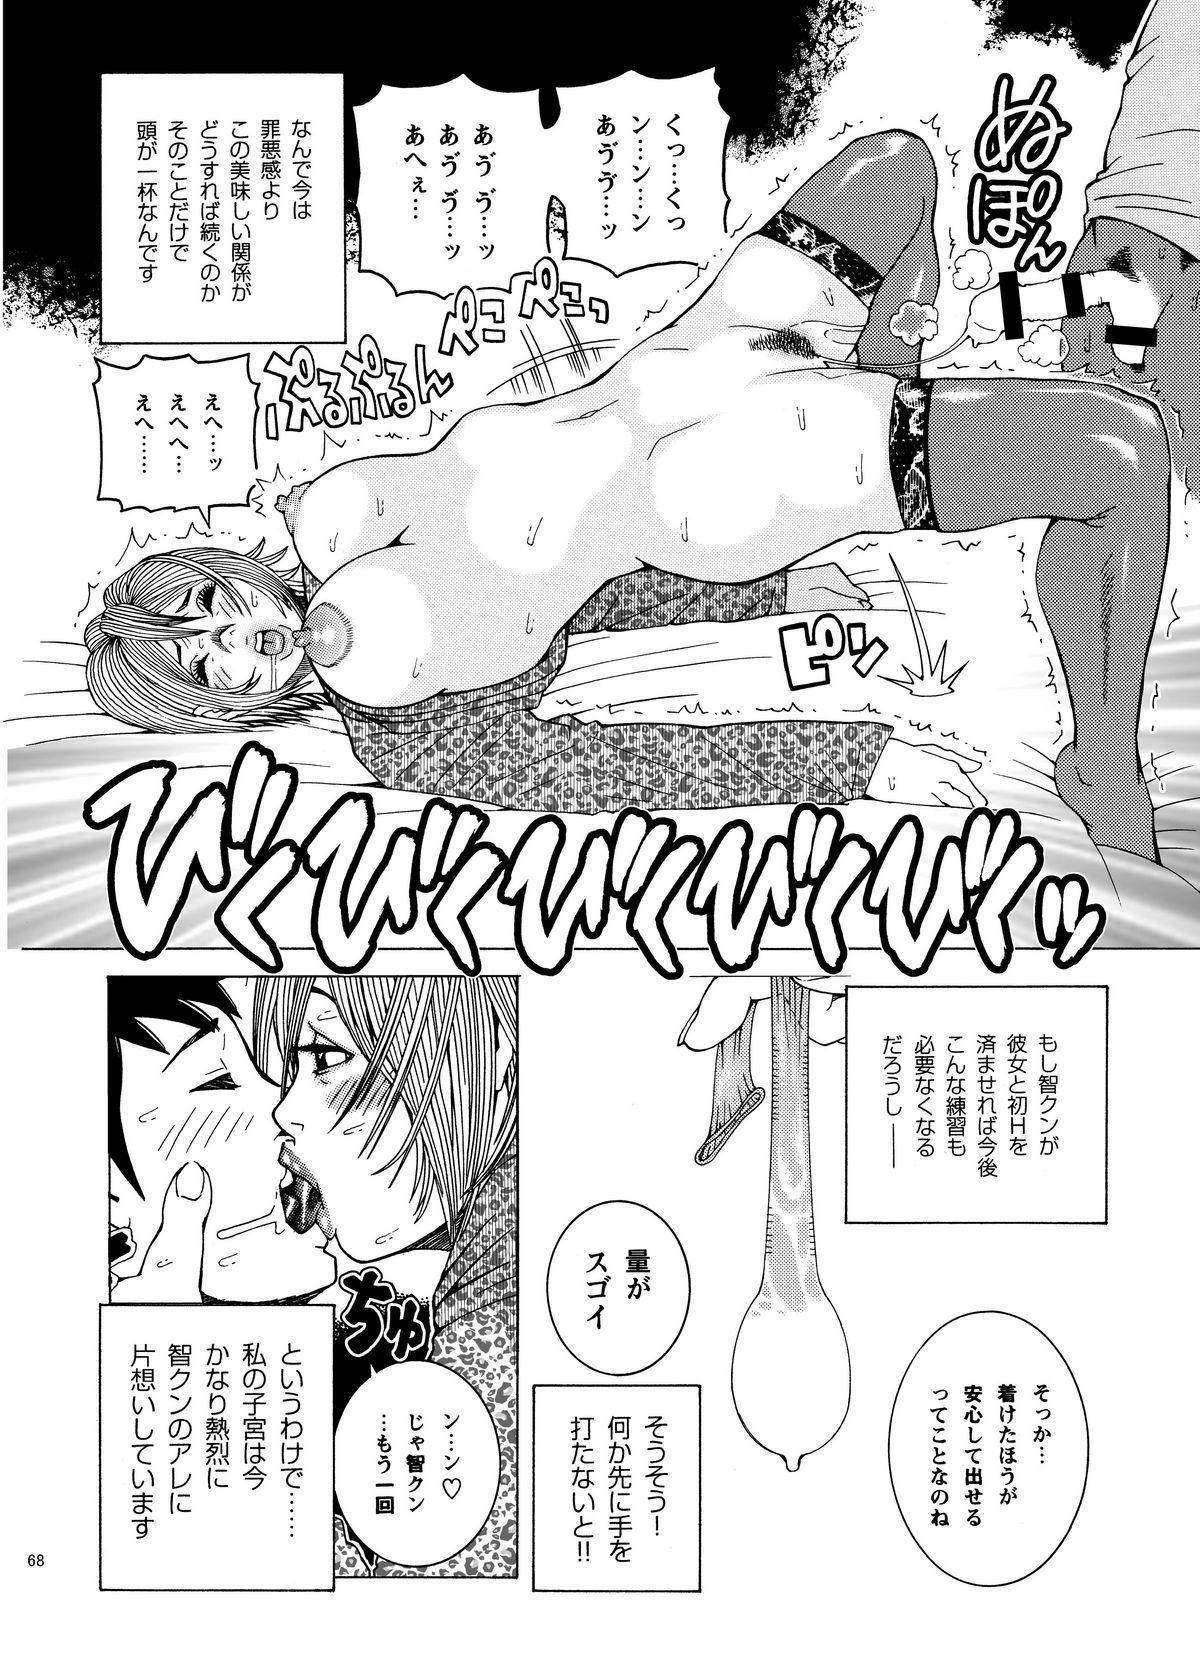 Shikyuunai Renai #14~#25 70